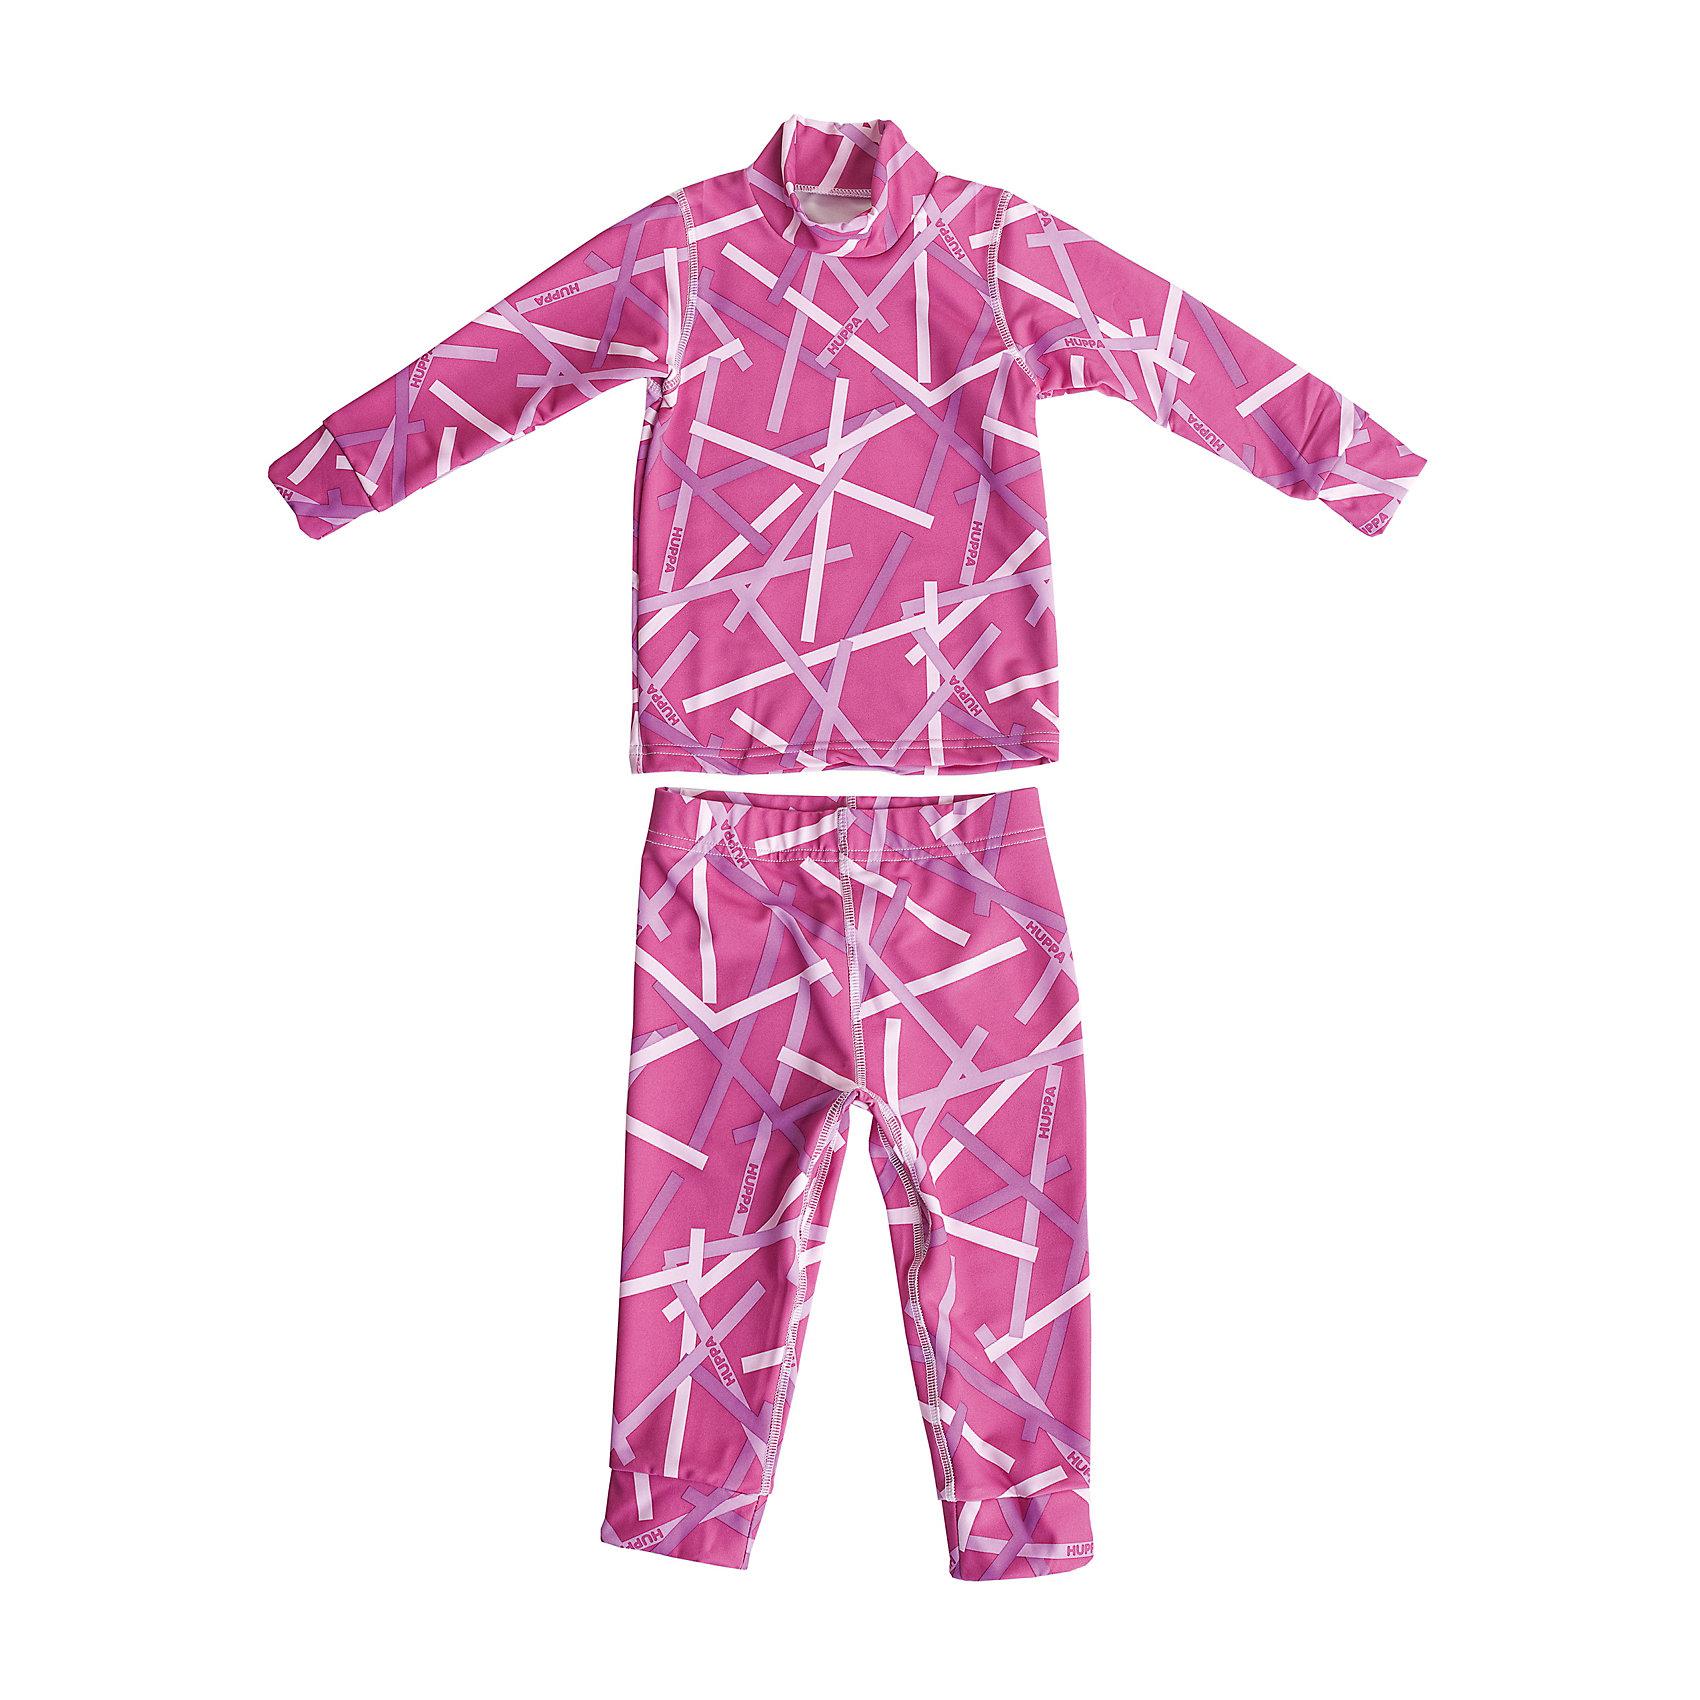 Комплект для девочки: толстовка и брюки HuppaТермобелье для девочки с интересным узором. Материал термобелья реагирует на температуру тела, соответственно согревая его или охлаждая, и поэтому хорошо подходит для ношения под одеждой в холодную зимнюю погоду.<br><br>Дополнительная информация:<br><br>Ткань: флис - 93% полиэстер, 7% эластан<br>Ткань способна регулировать теплообмен и влагообмен тела<br><br>Комплект для девочки: толстовка и брюки Huppa (Хуппа) можно купить в нашем магазине.<br><br>Ширина мм: 190<br>Глубина мм: 74<br>Высота мм: 229<br>Вес г: 236<br>Цвет: розовый<br>Возраст от месяцев: 48<br>Возраст до месяцев: 60<br>Пол: Женский<br>Возраст: Детский<br>Размер: 152/158,128/134,104/110,164/170,140/146,116/122,92/98<br>SKU: 4242731